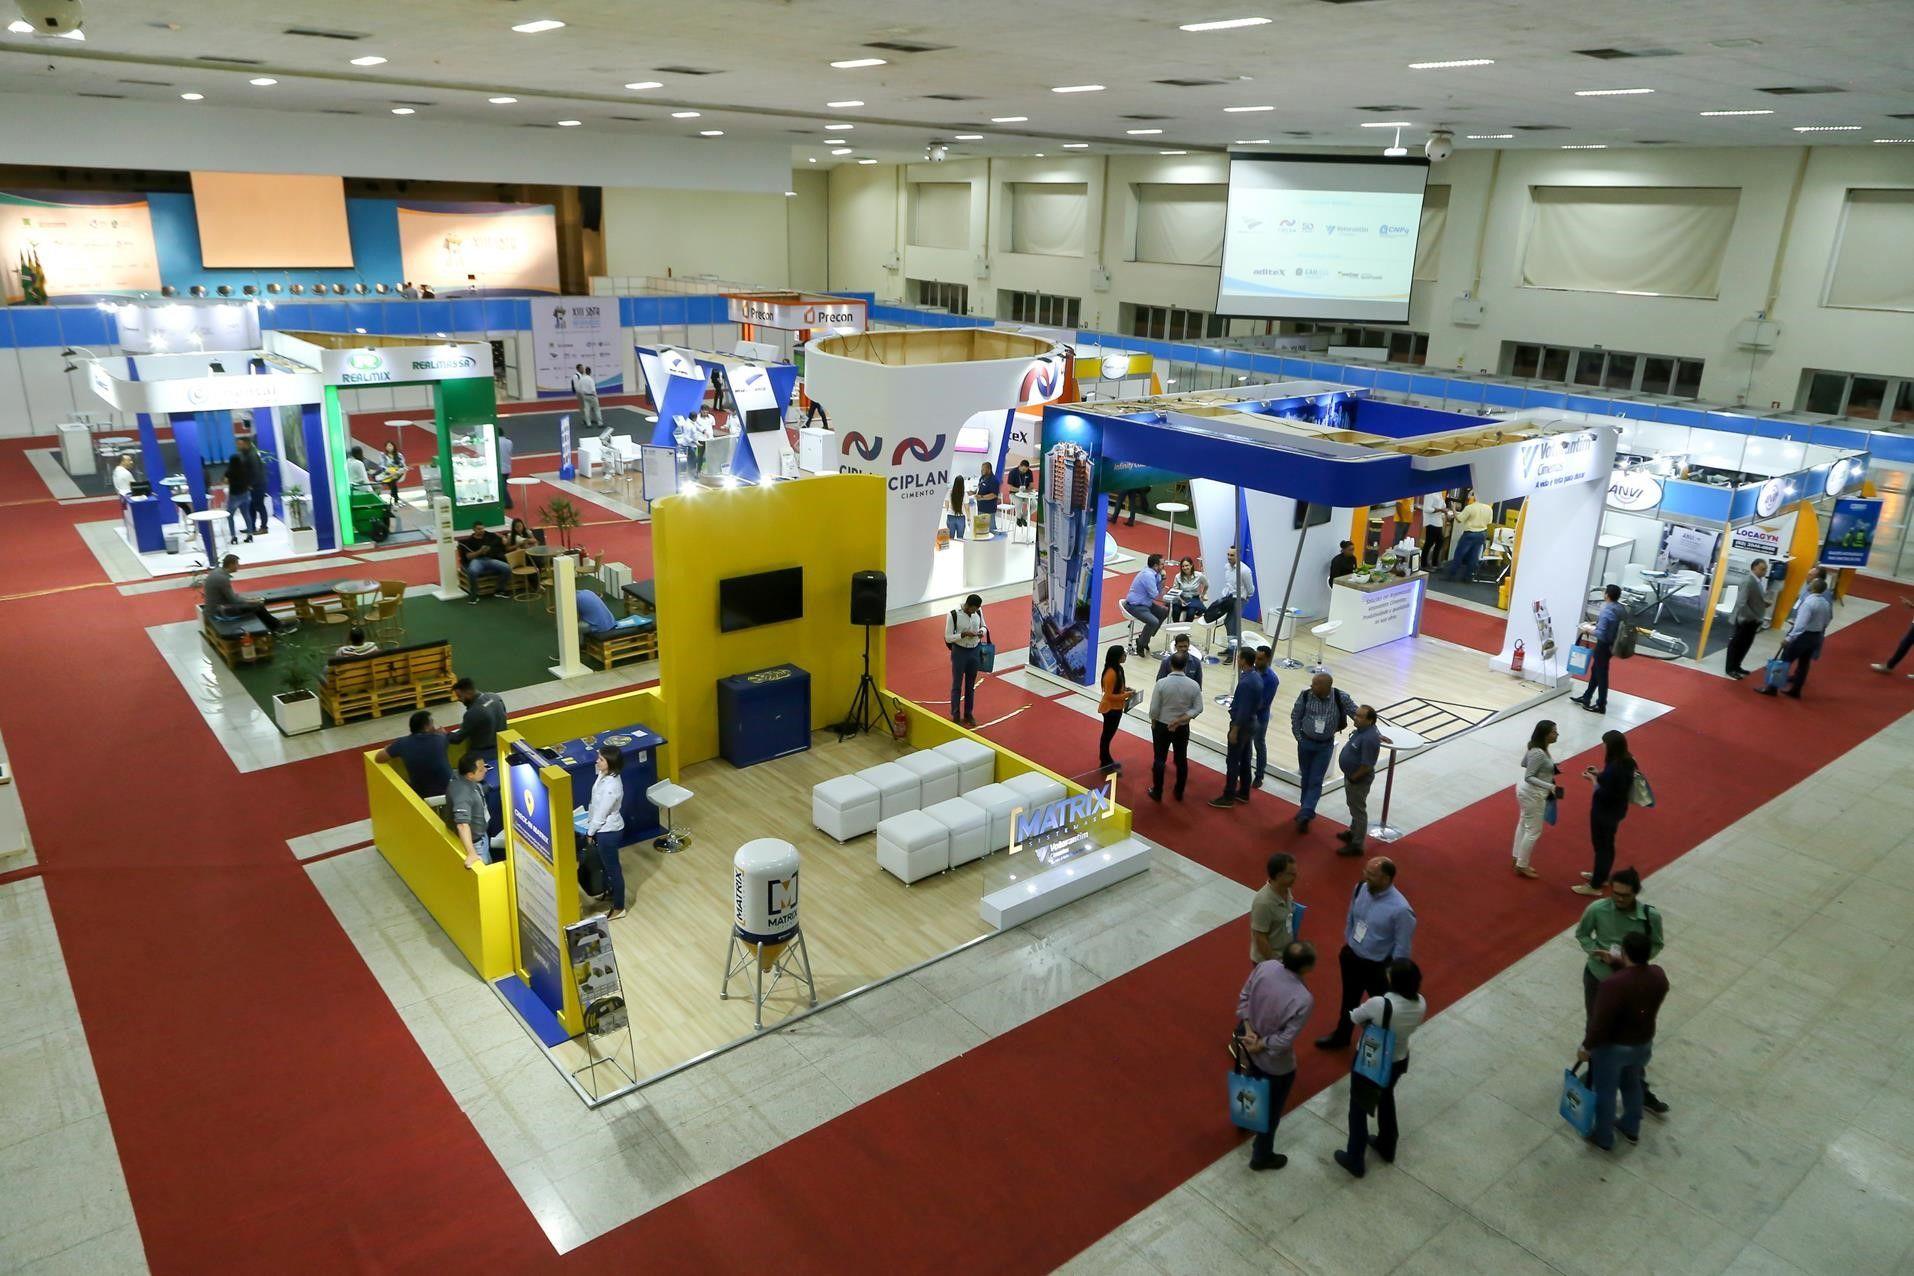 Feira técnica com grandes expositores e fornecedores do setor